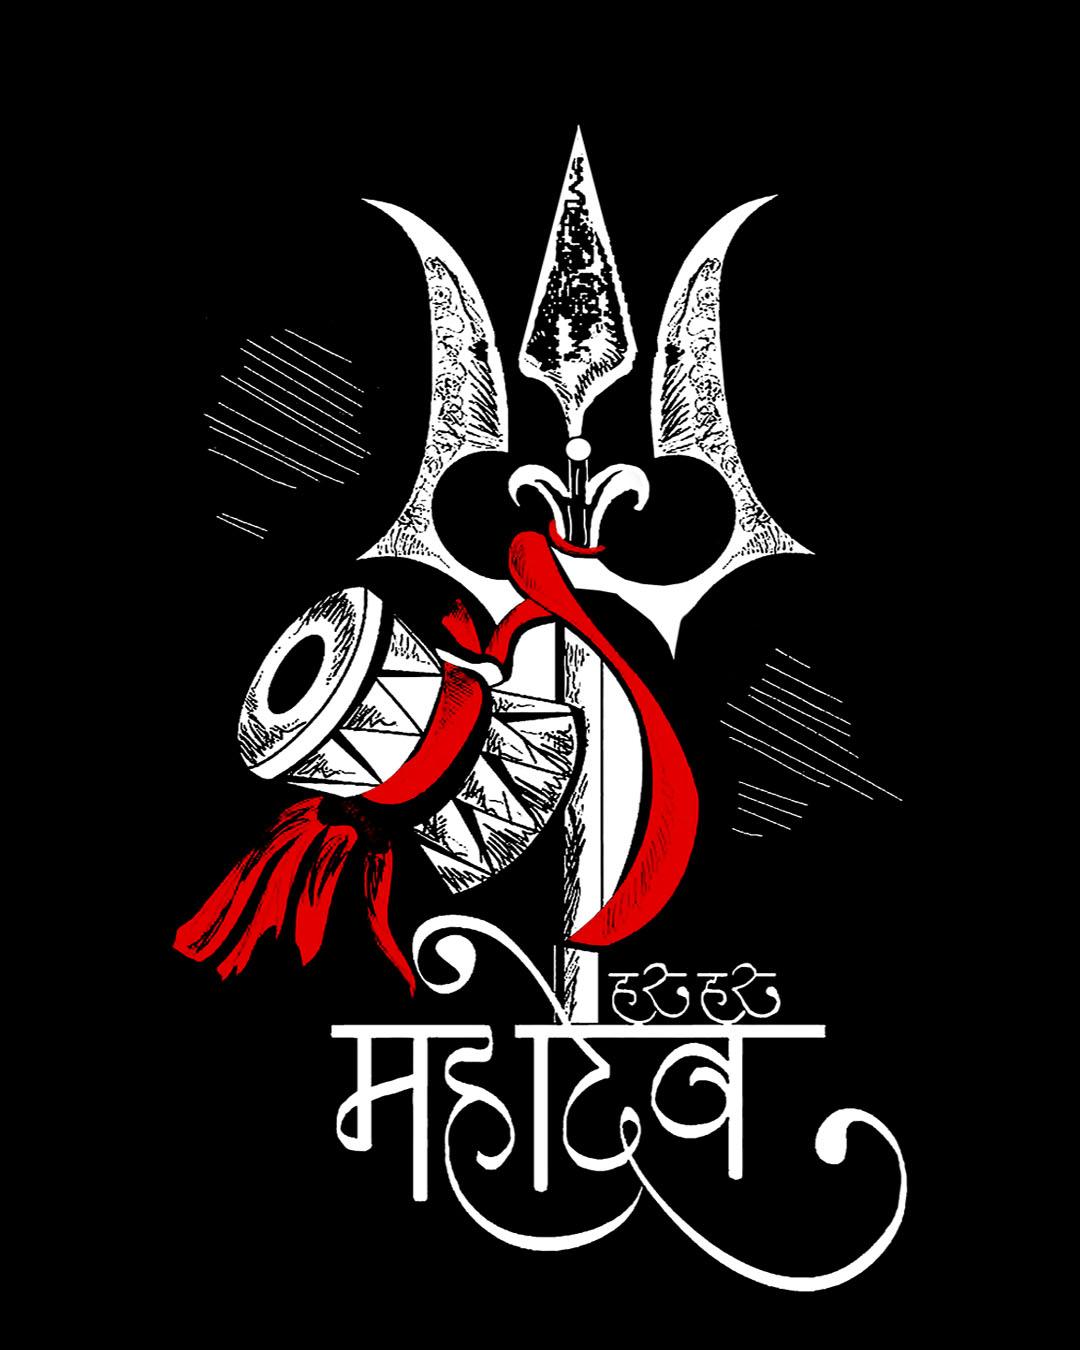 Om-Namah-Shivaya-Har-har-mahadev